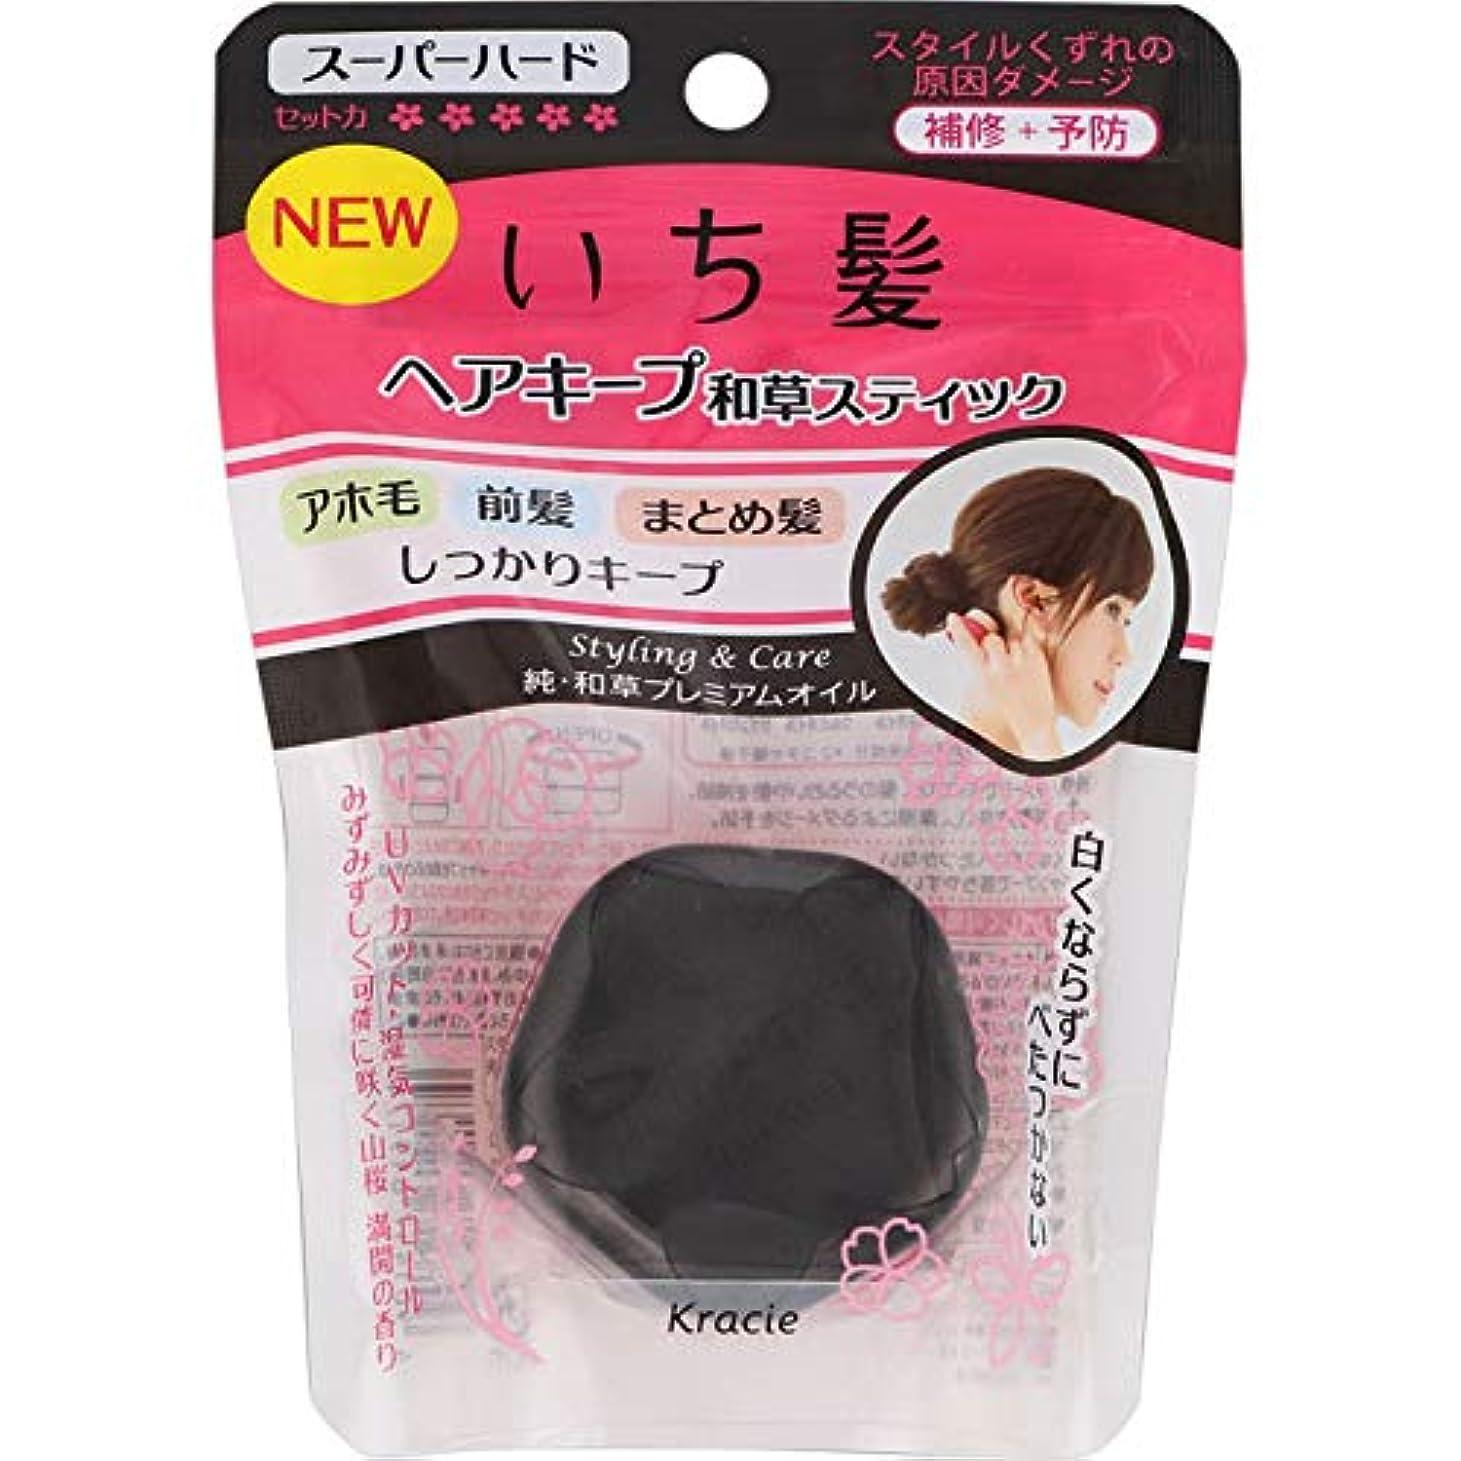 シーン薄いです入射いち髪 ヘアキープ和草スティック(スーパーハード) × 10個セット